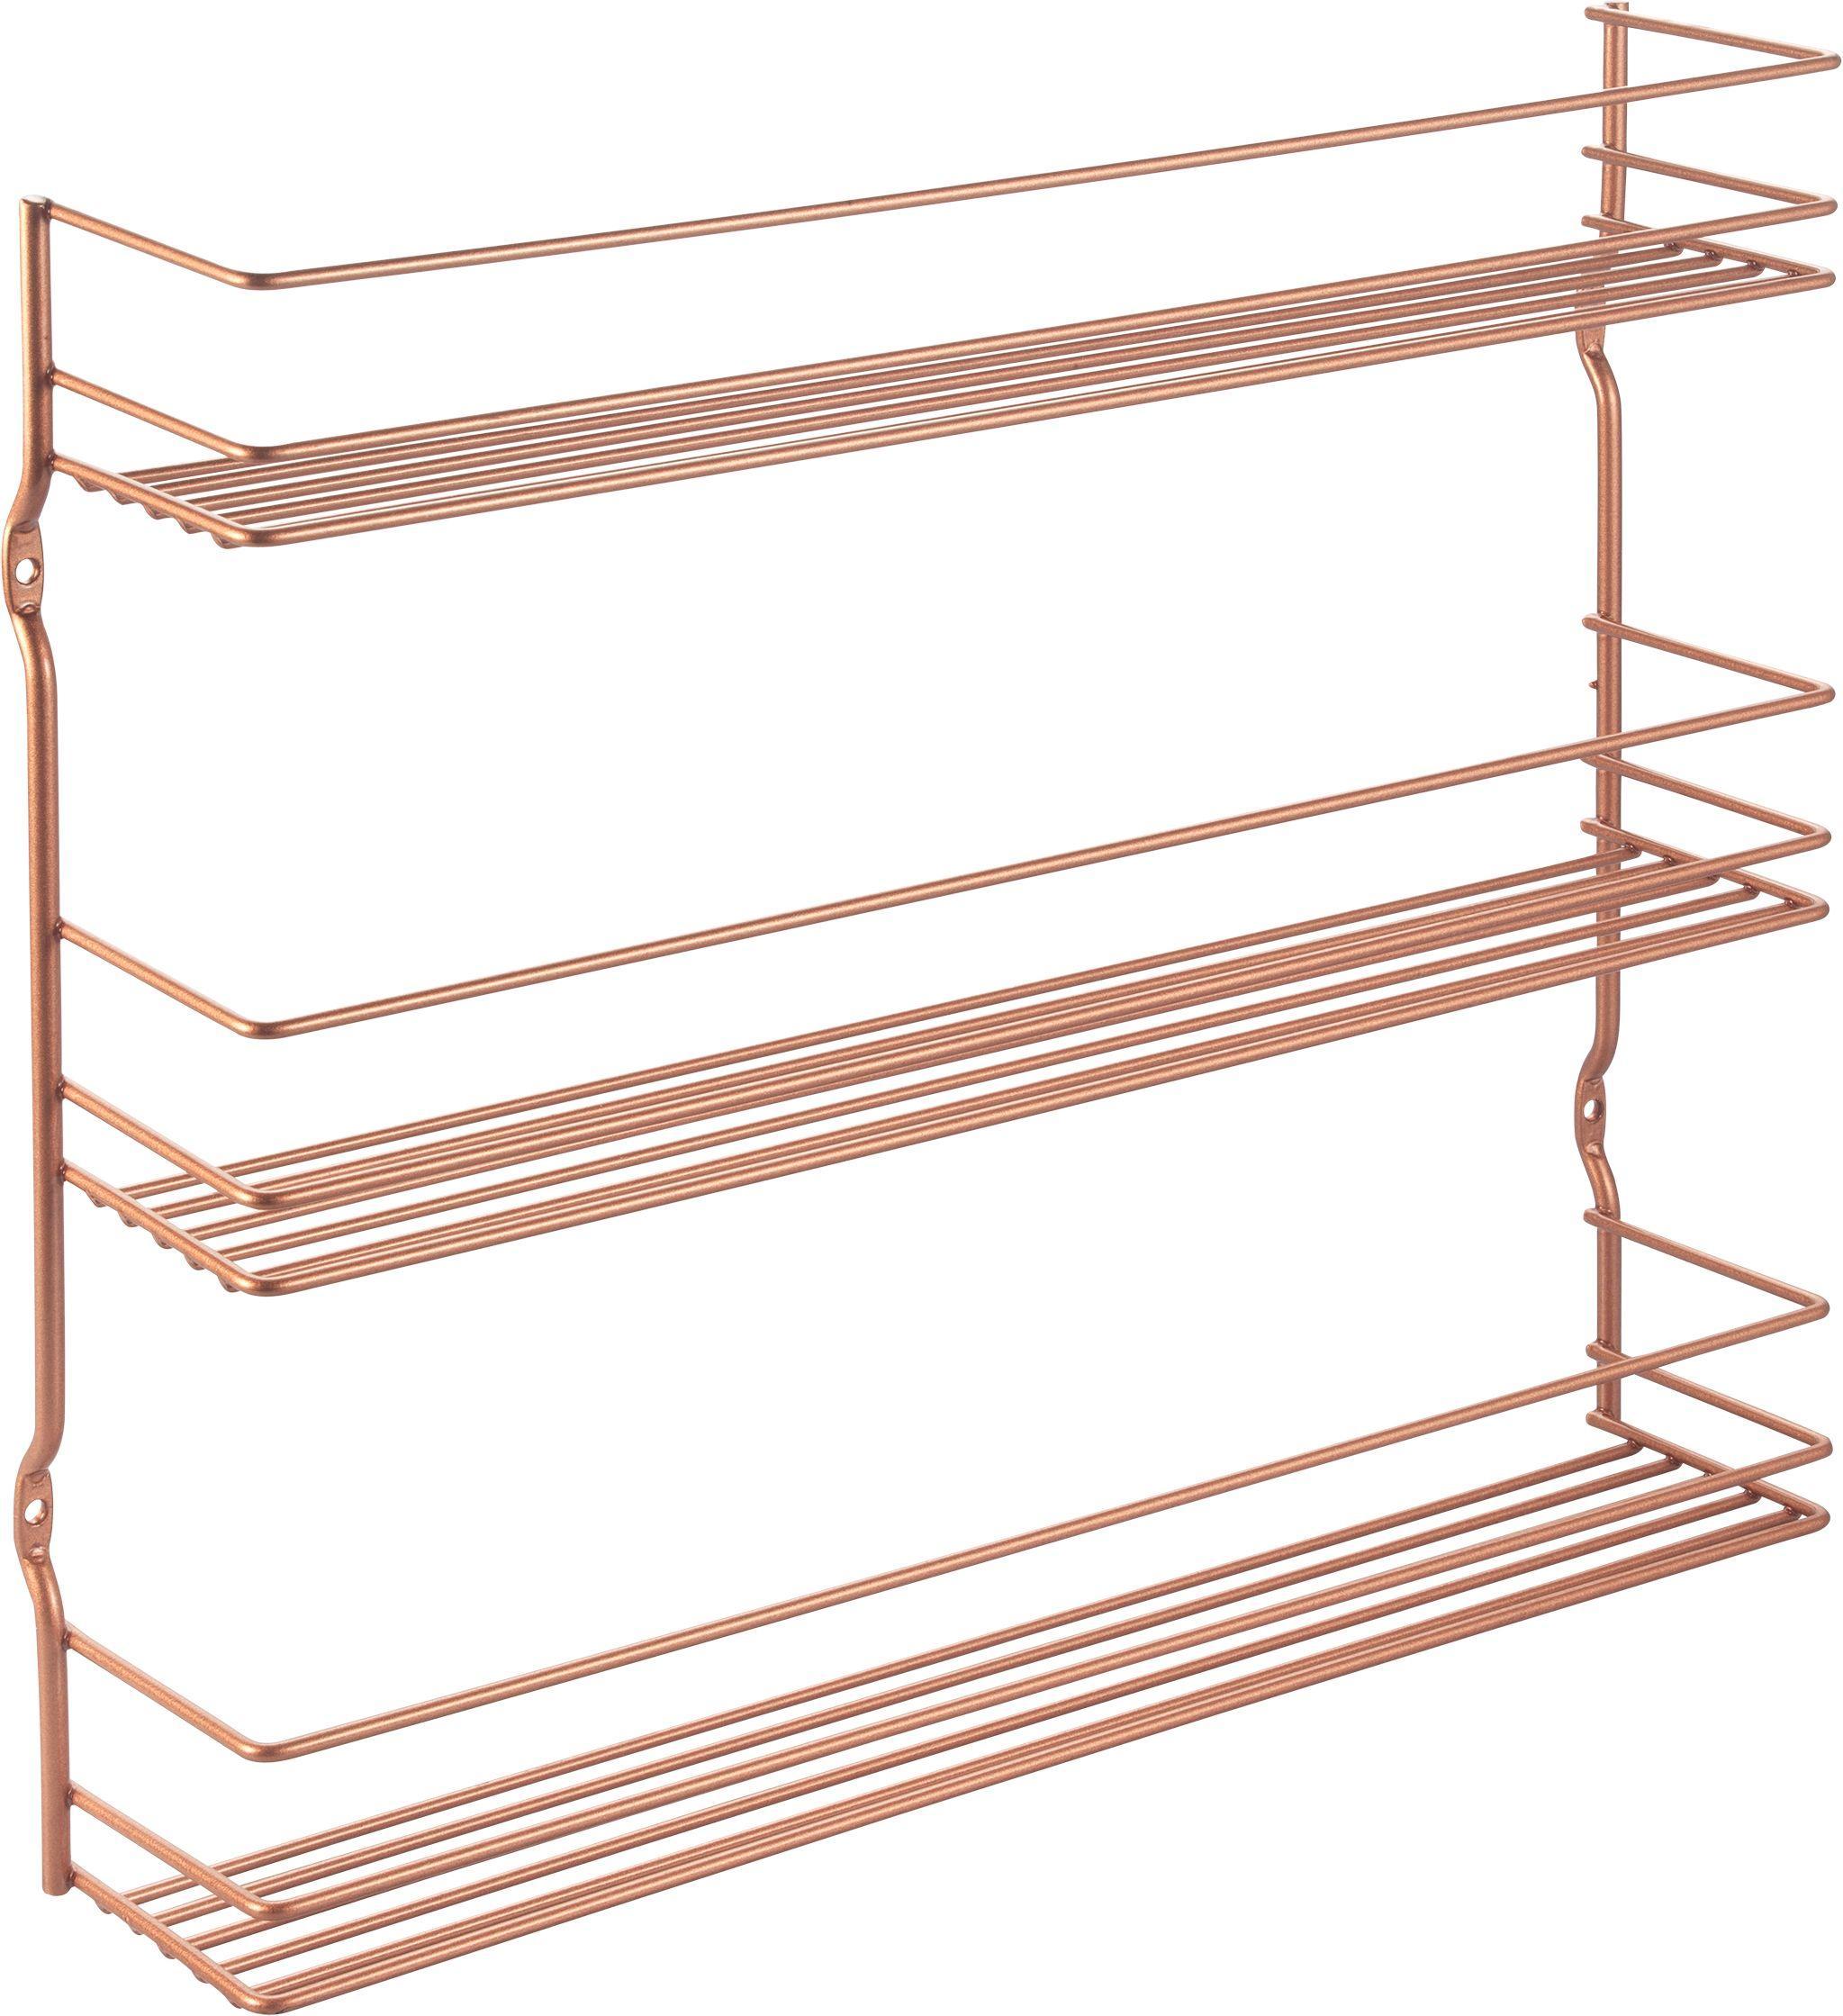 Metaltex Gewürzregal Pepito | Küche und Esszimmer > Küchenregale > Gewürzregale | Metaltex